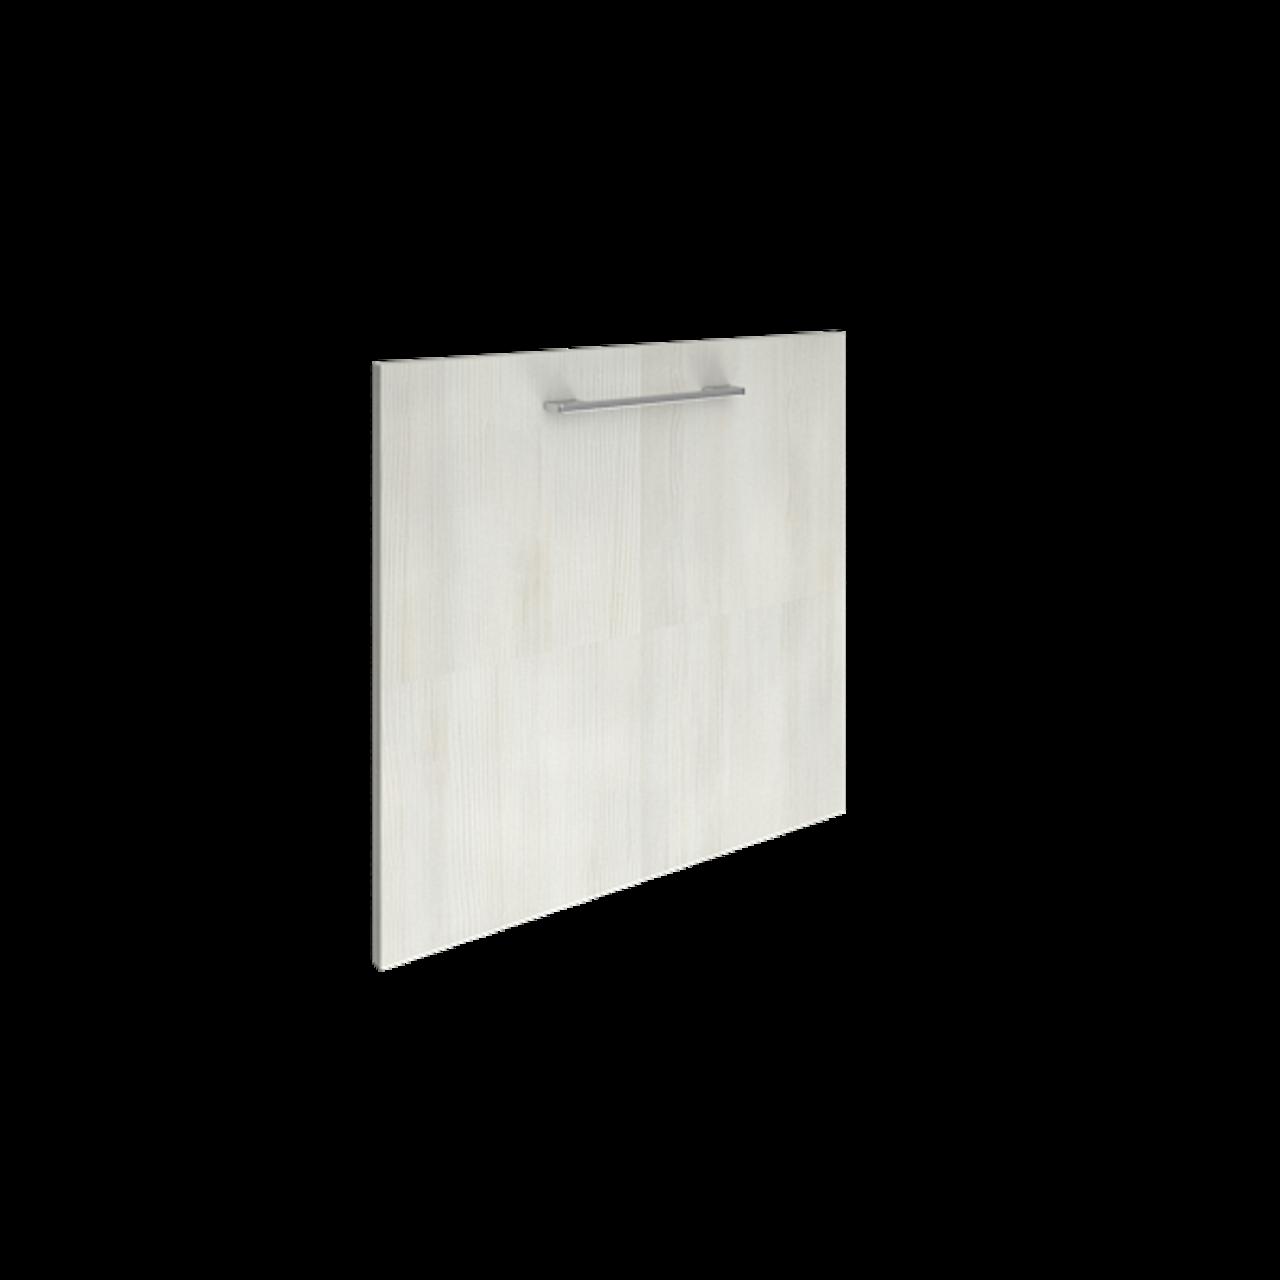 Дверь дсп шкаф четырехсекционный левая - фото 2